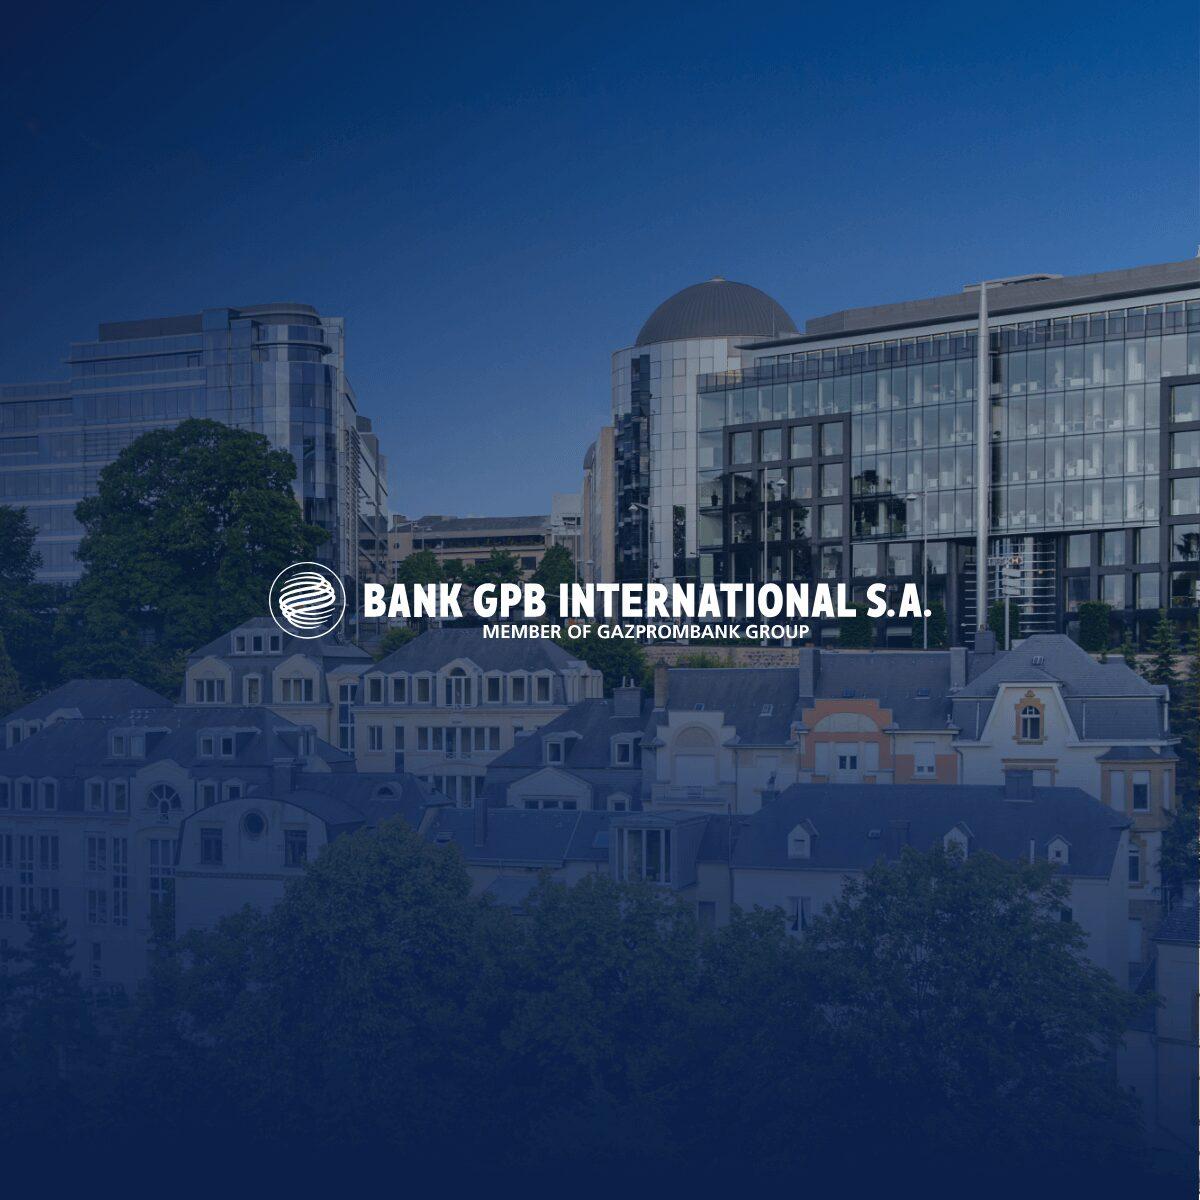 Узбекистан намерен привлечь кредит люксембургского банка для увеличения добычи углеводородов. Речь идет о 176 млн евро